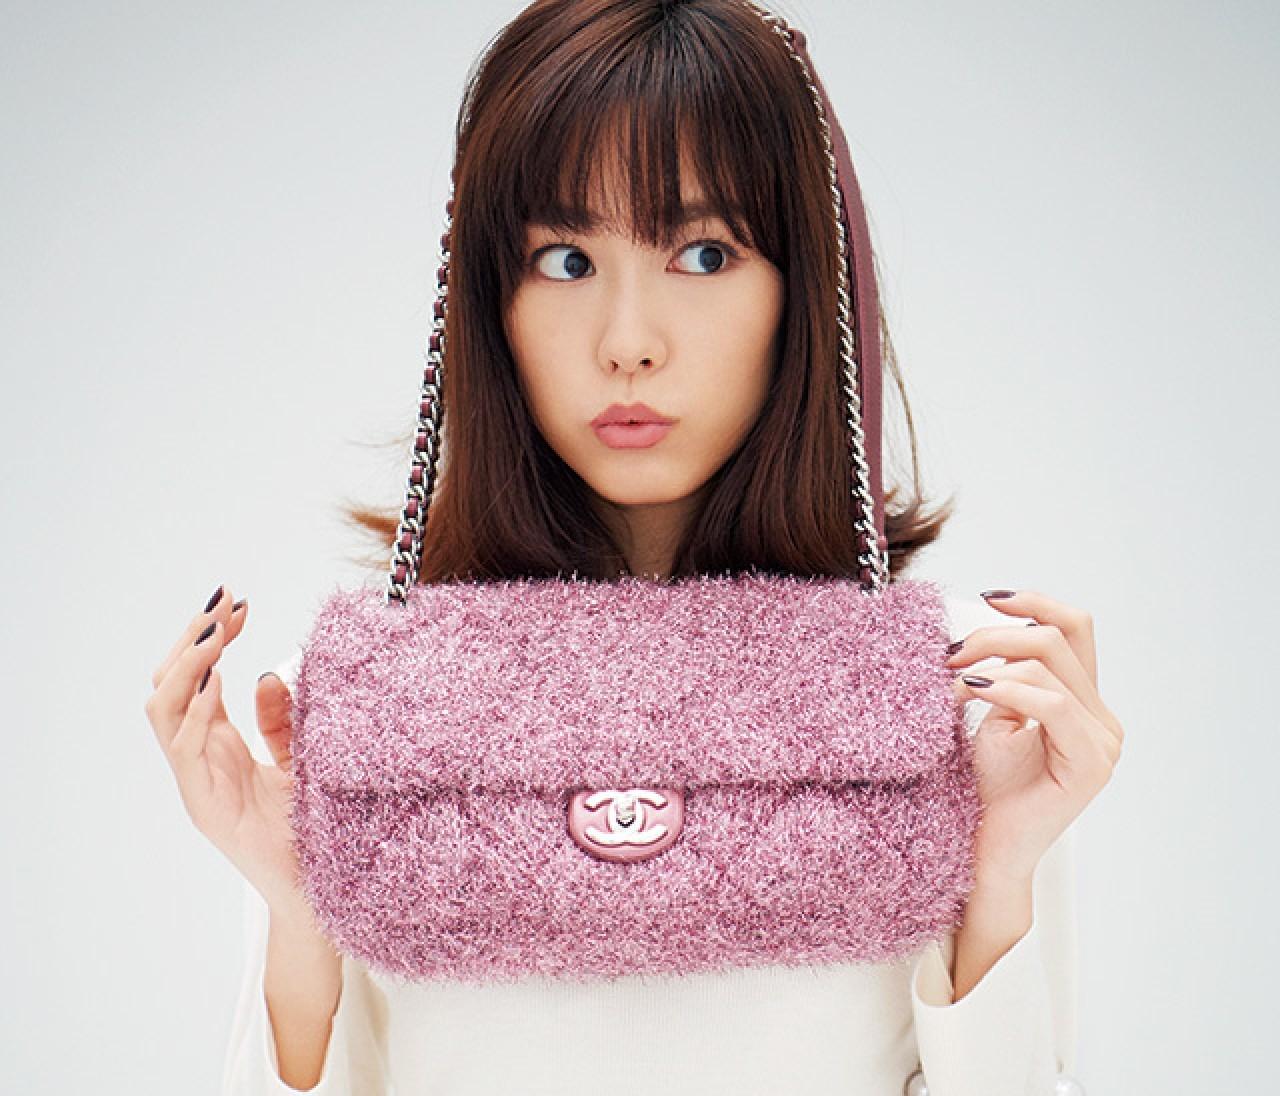 桐谷美玲がナビ♡ 今すぐ手に入れたい【憧れブランドバッグ】7選